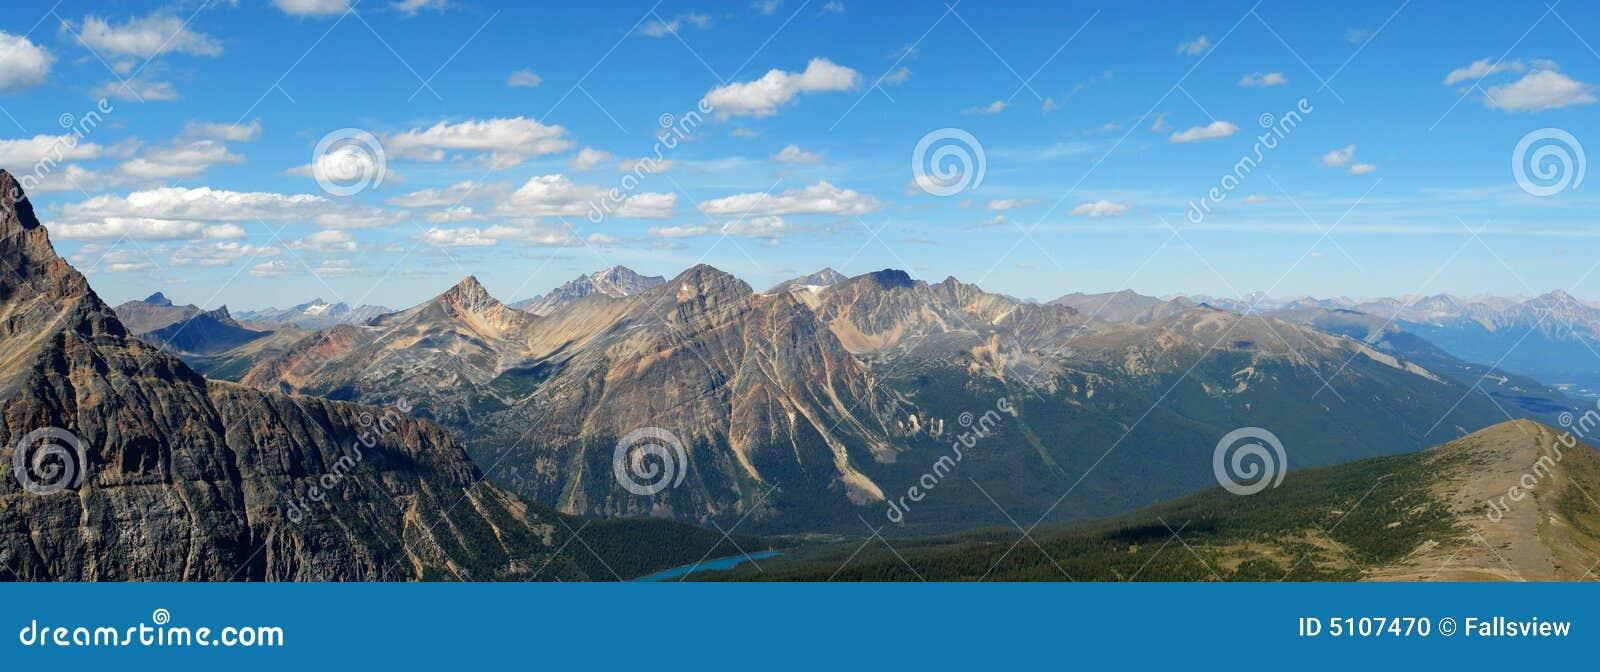 πανόραμα βουνών δύσκολο